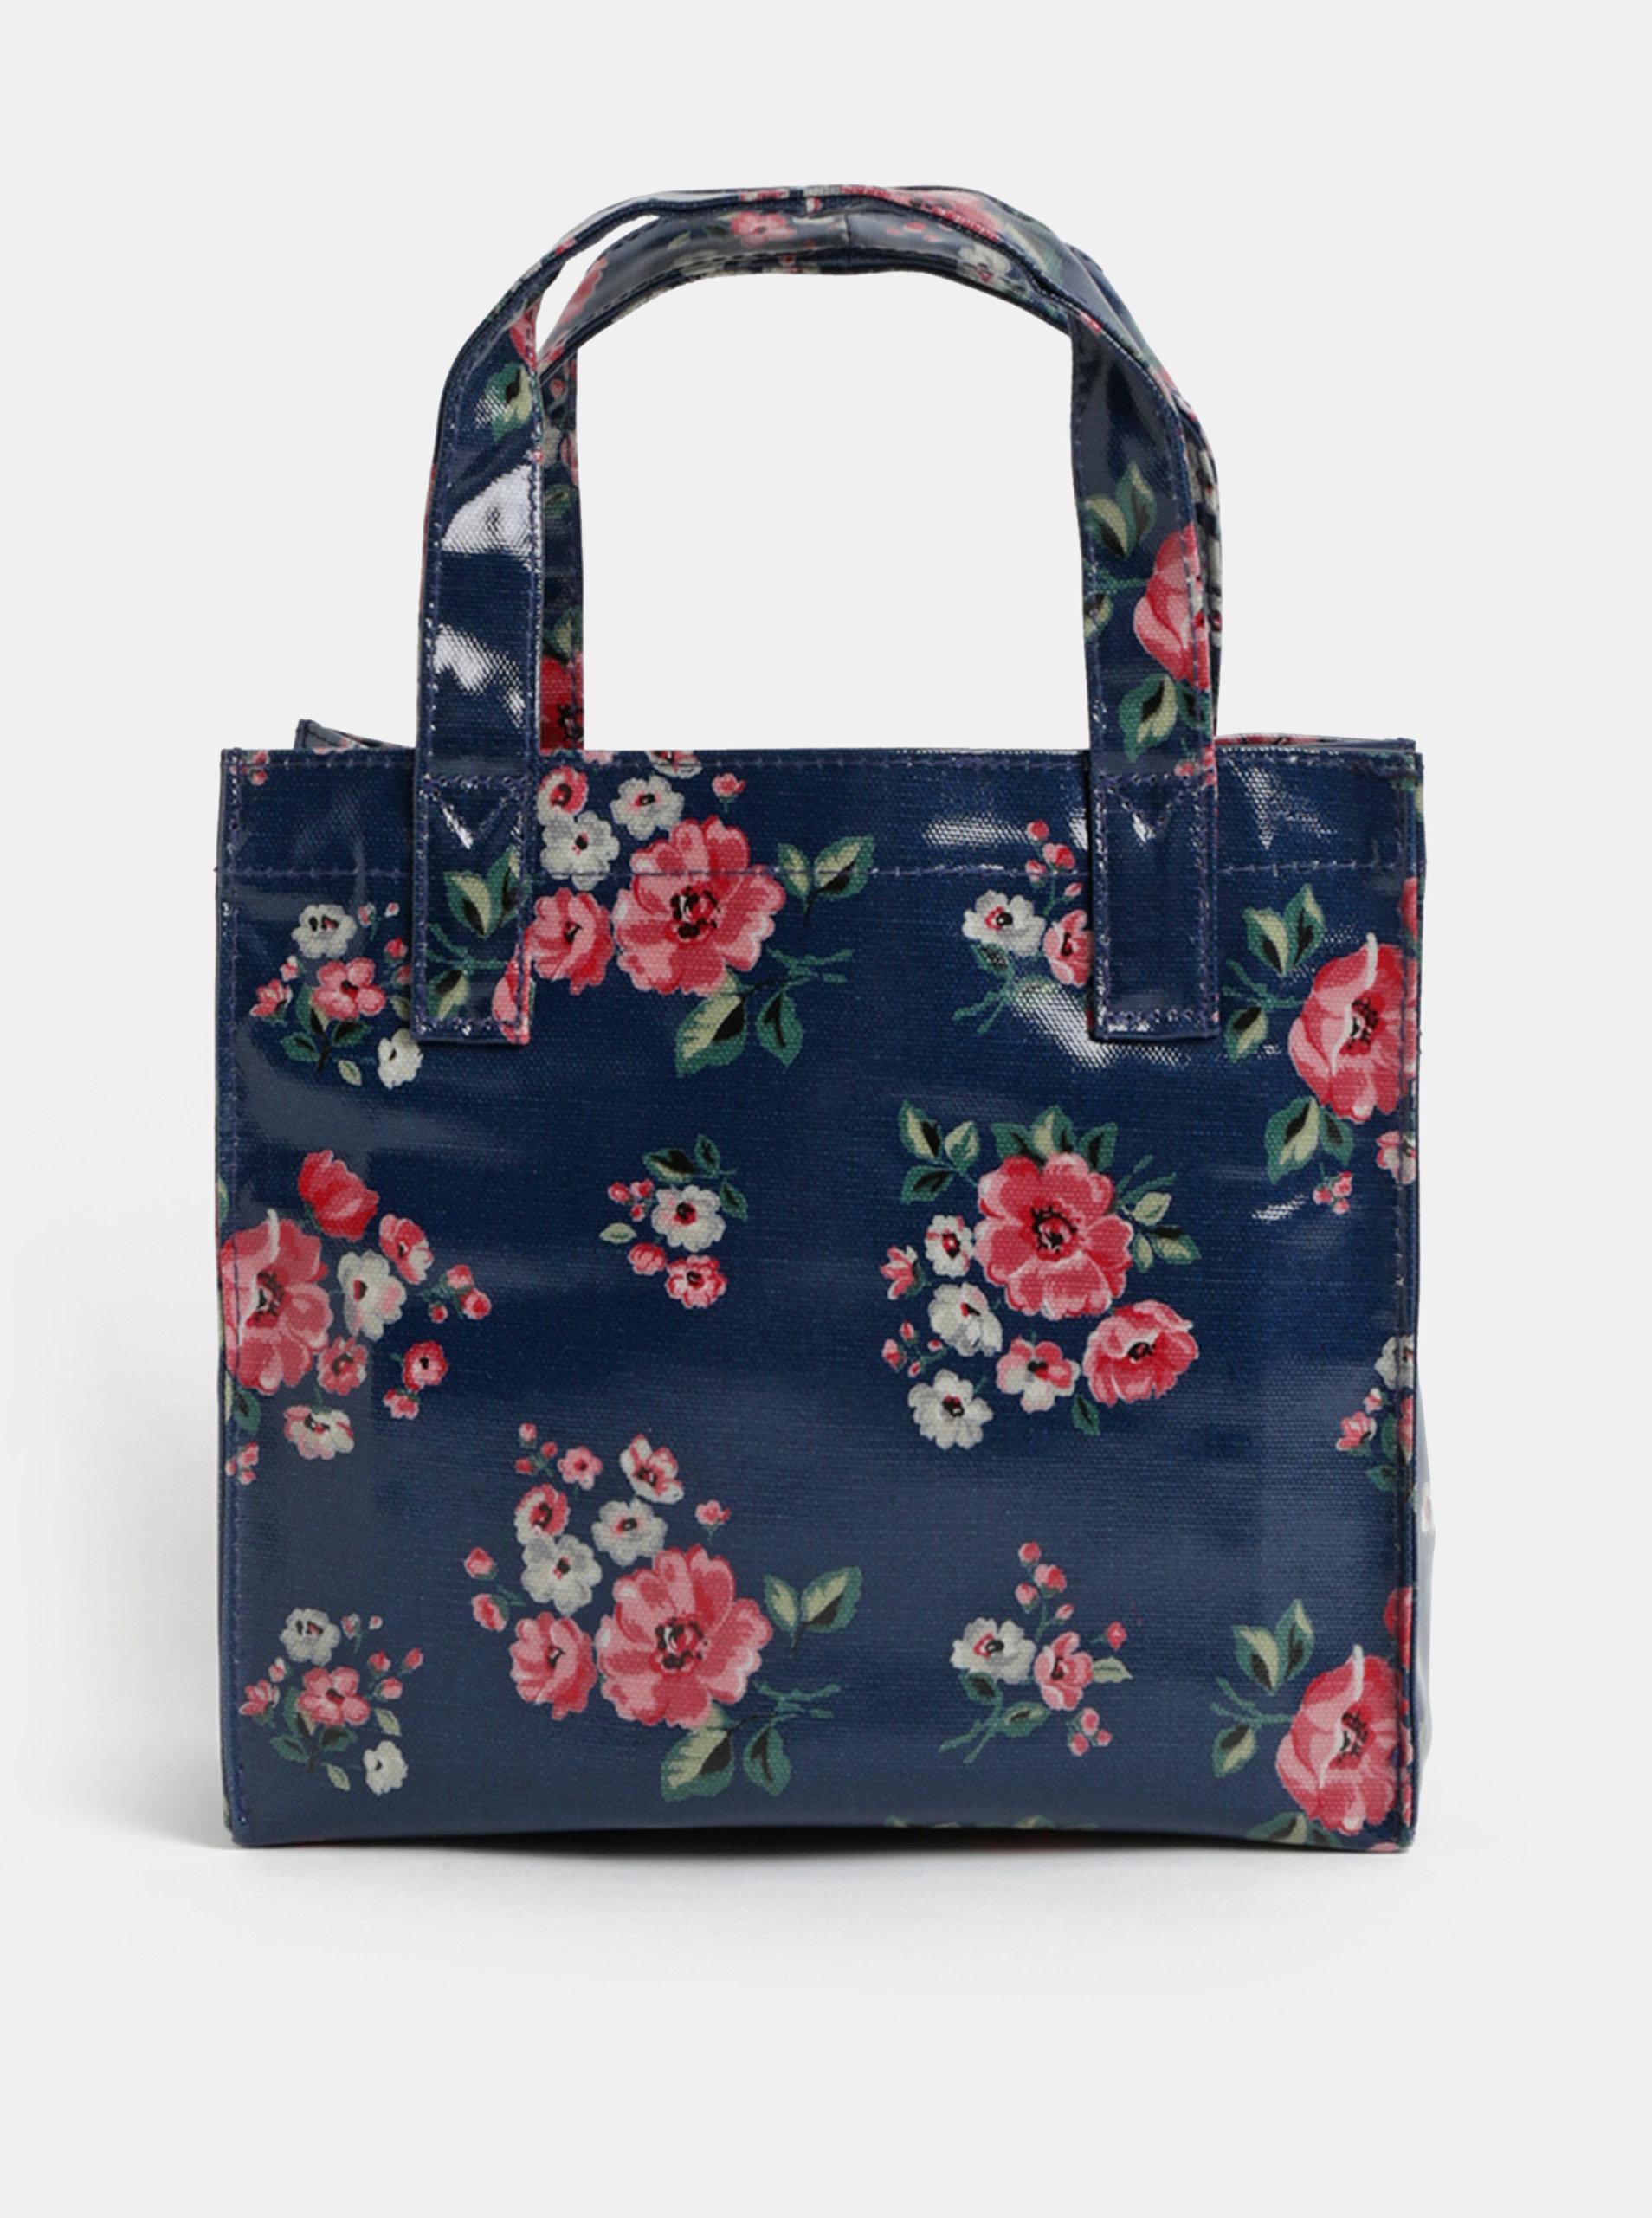 a9653909e0 Tmavomodrá dievčenská kvetovaná kabelka Cath Kidston ...